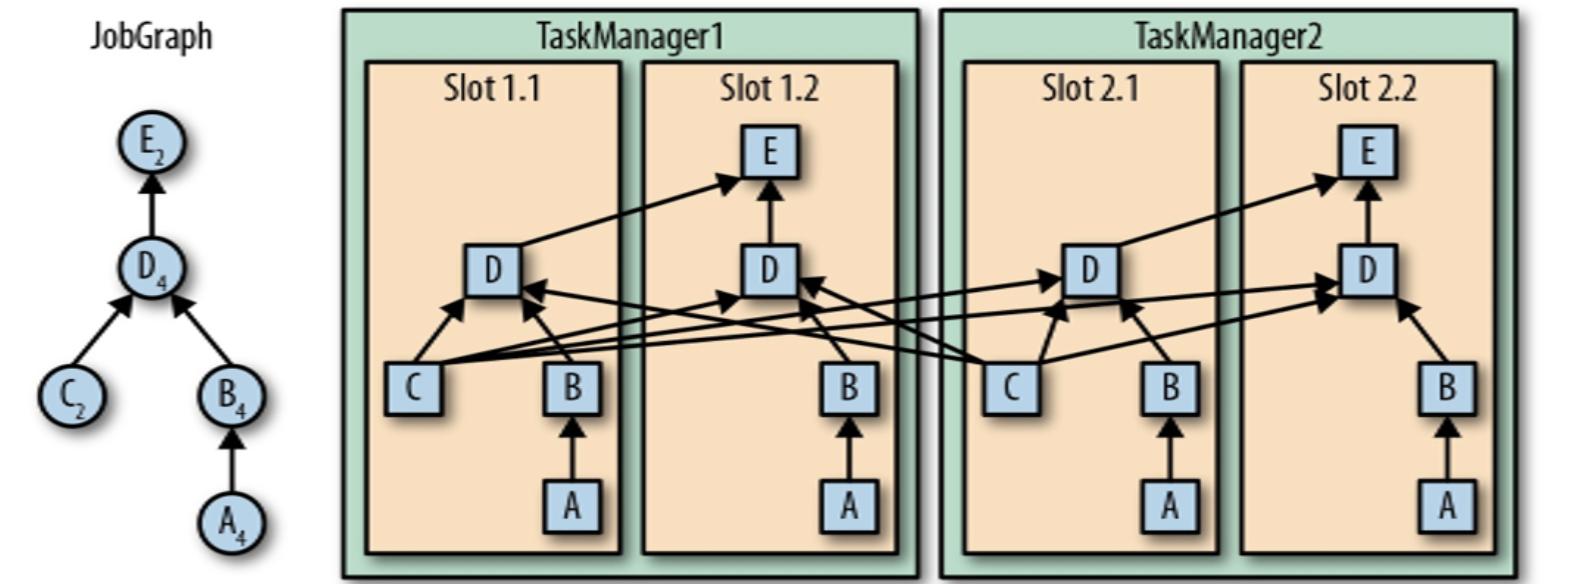 Flink算子间数据传递模式